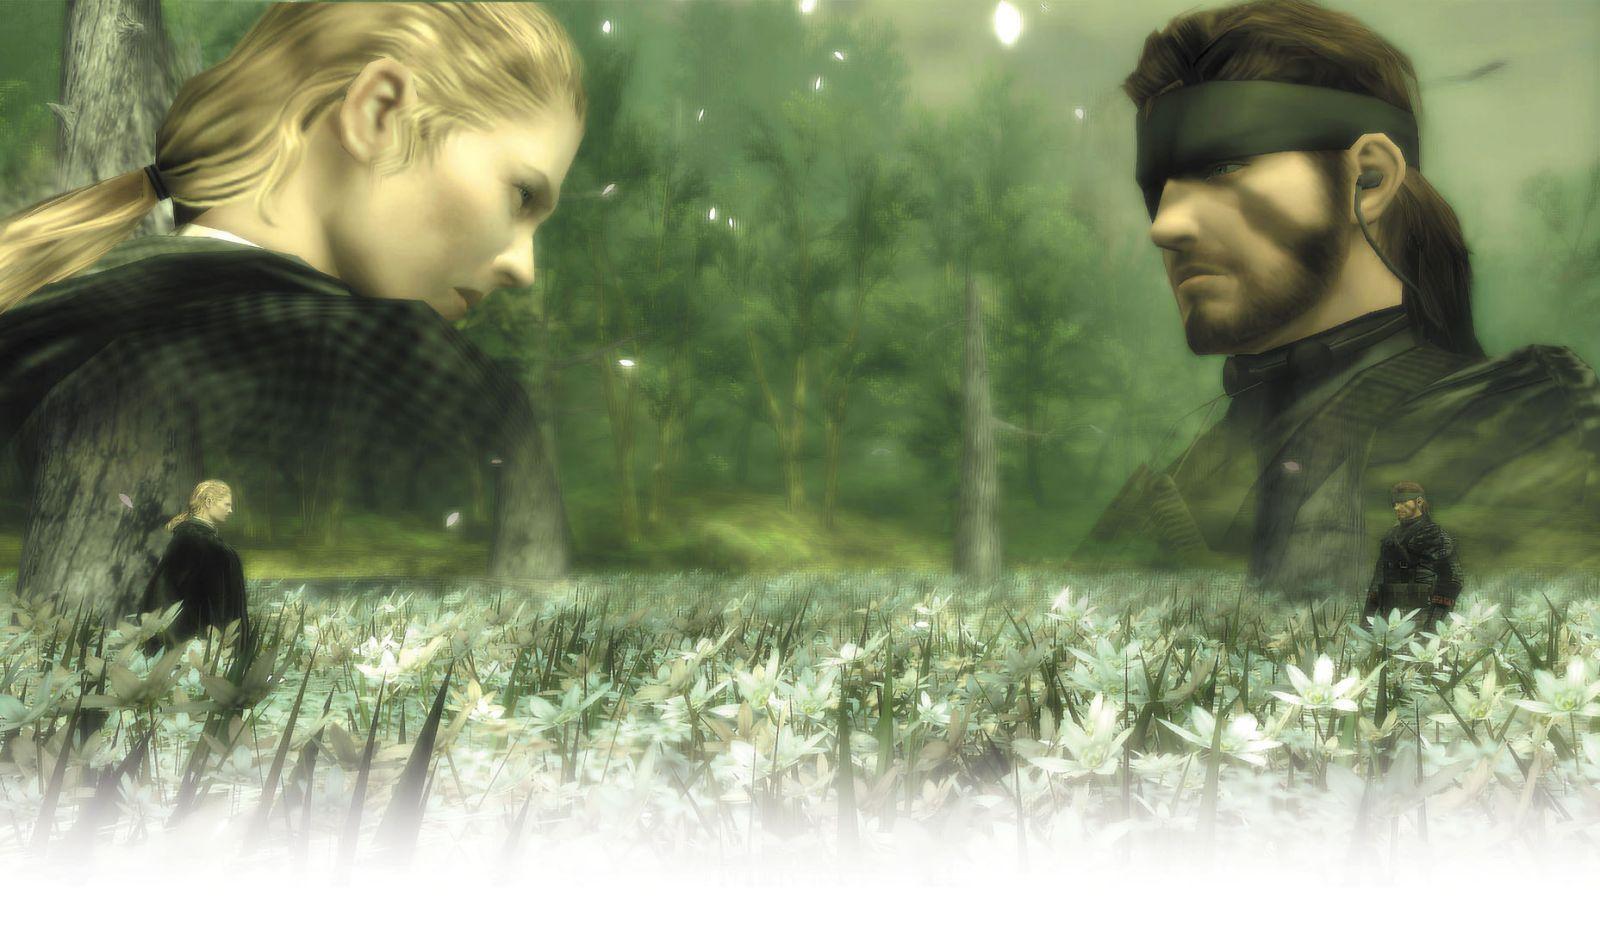 Metal Gear Solid 3 Snake Eater Le Combat Des Boss Le Combat Original L Acte Fondateur Debut Et A La Fois Fin D Un Cycle Mgs5 Playstation 2 Vilas